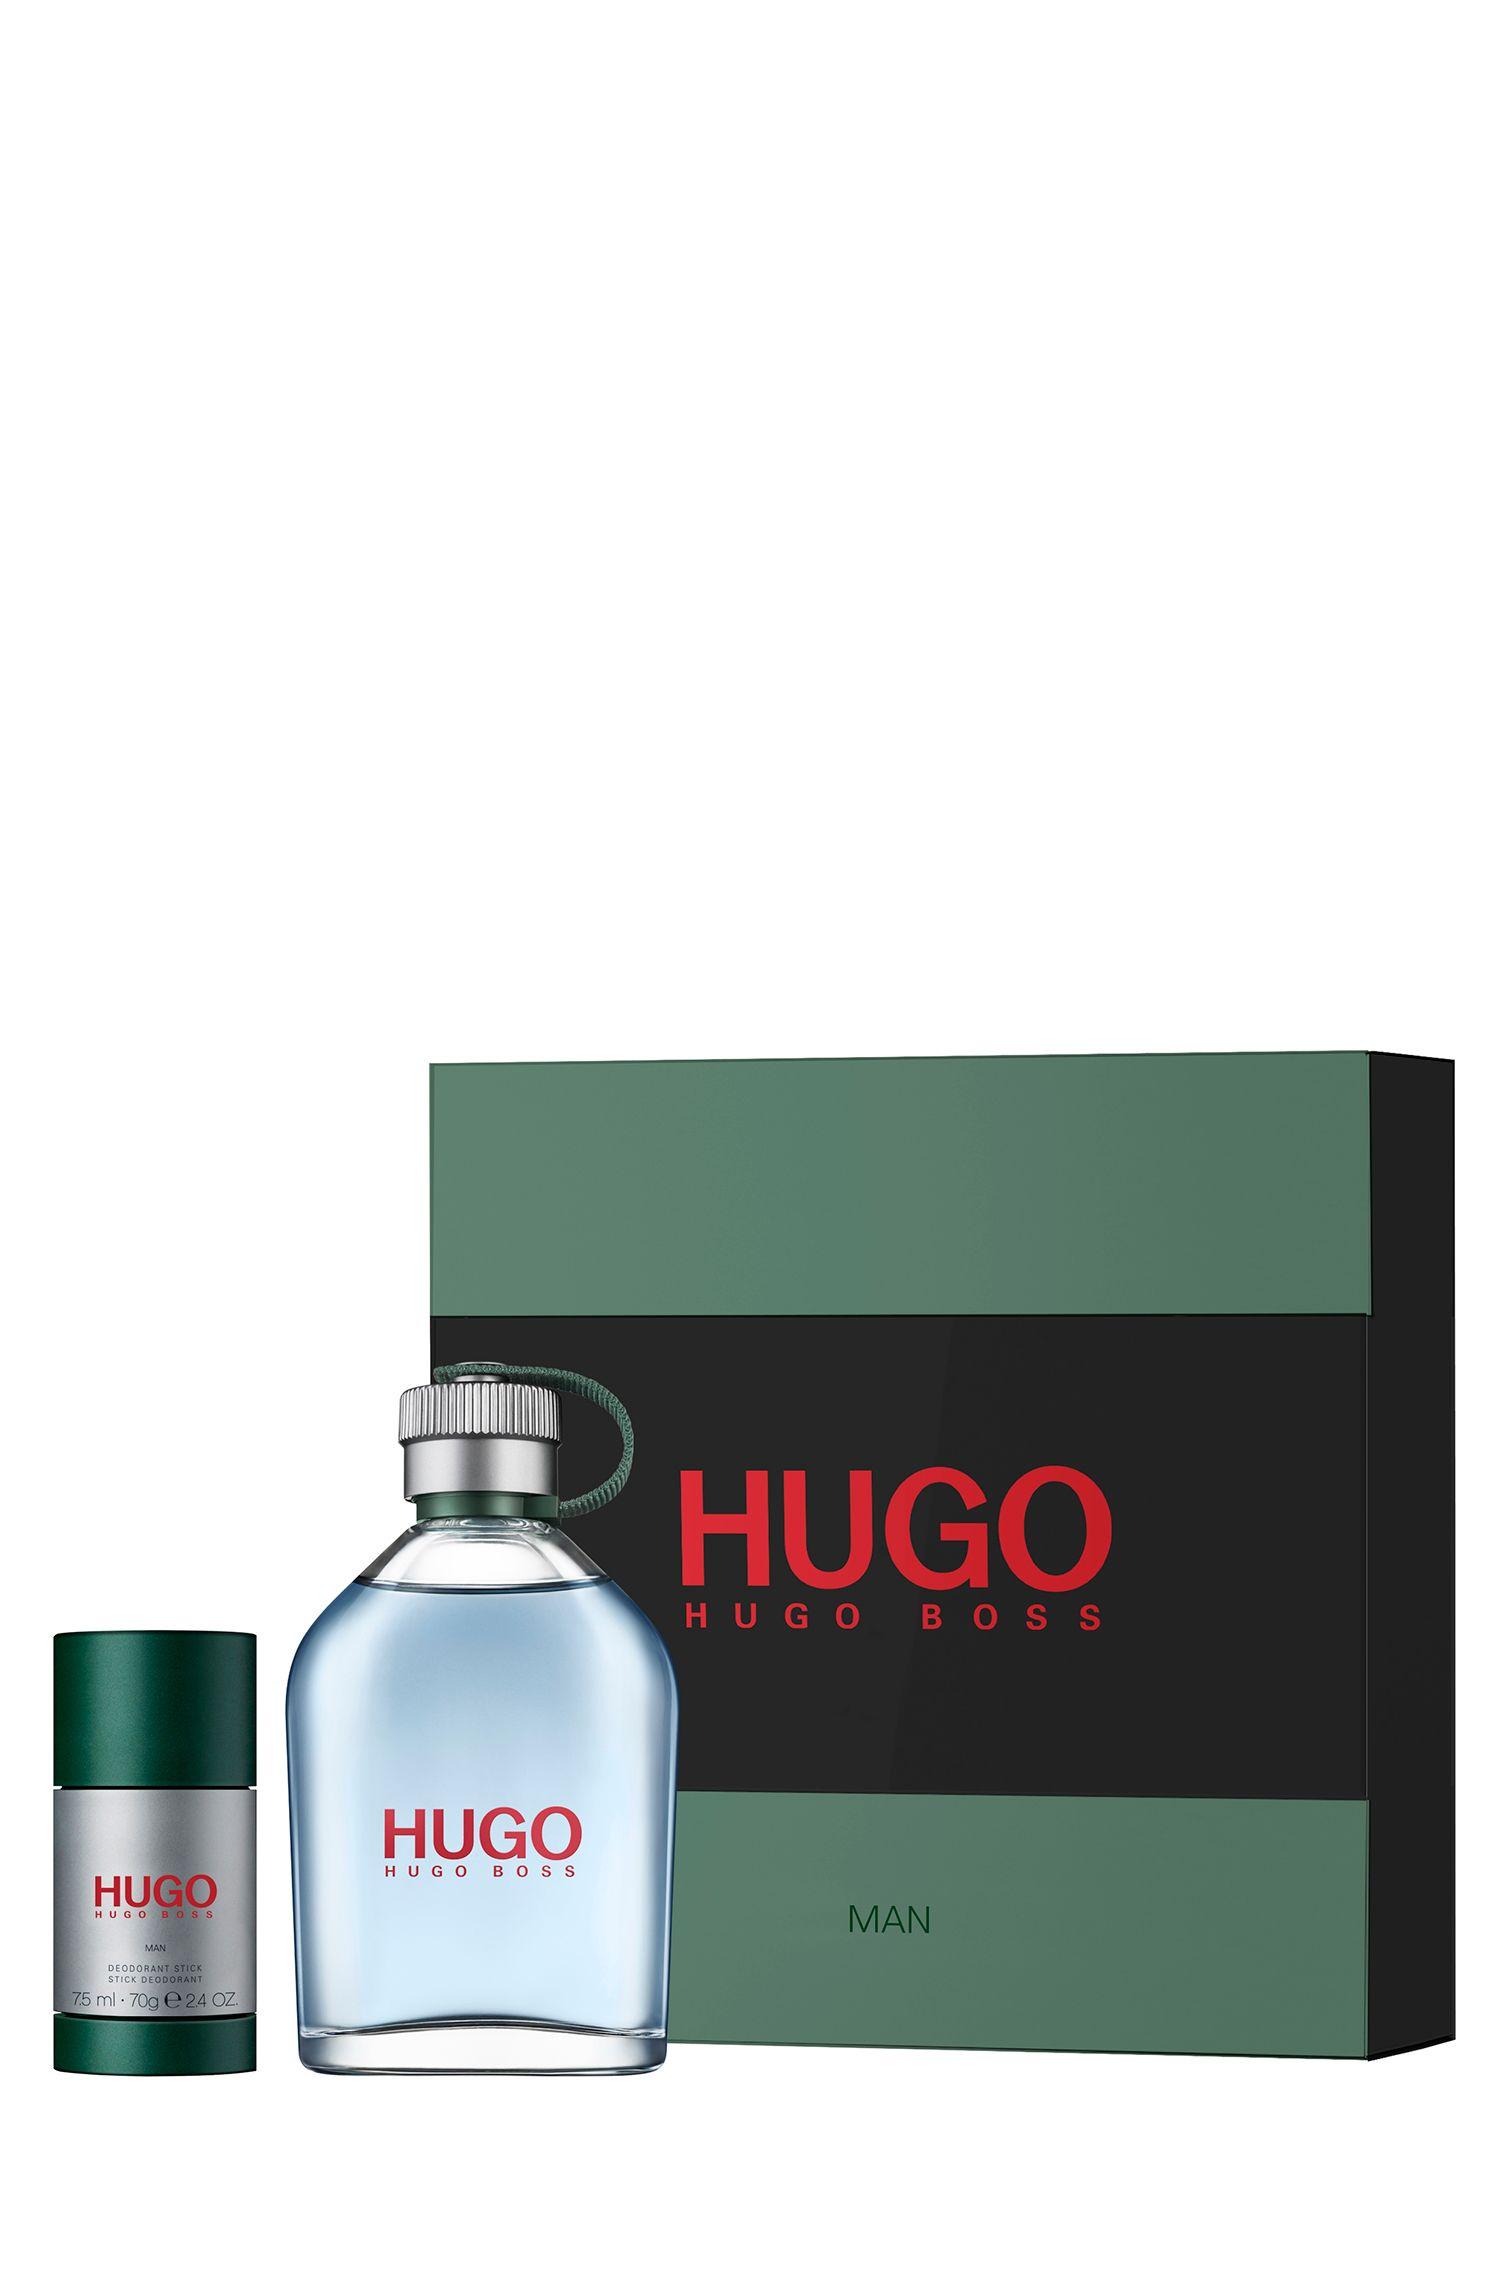 Coffret cadeau HUGO Man avec parfum et déodorant, Assorted-Pre-Pack